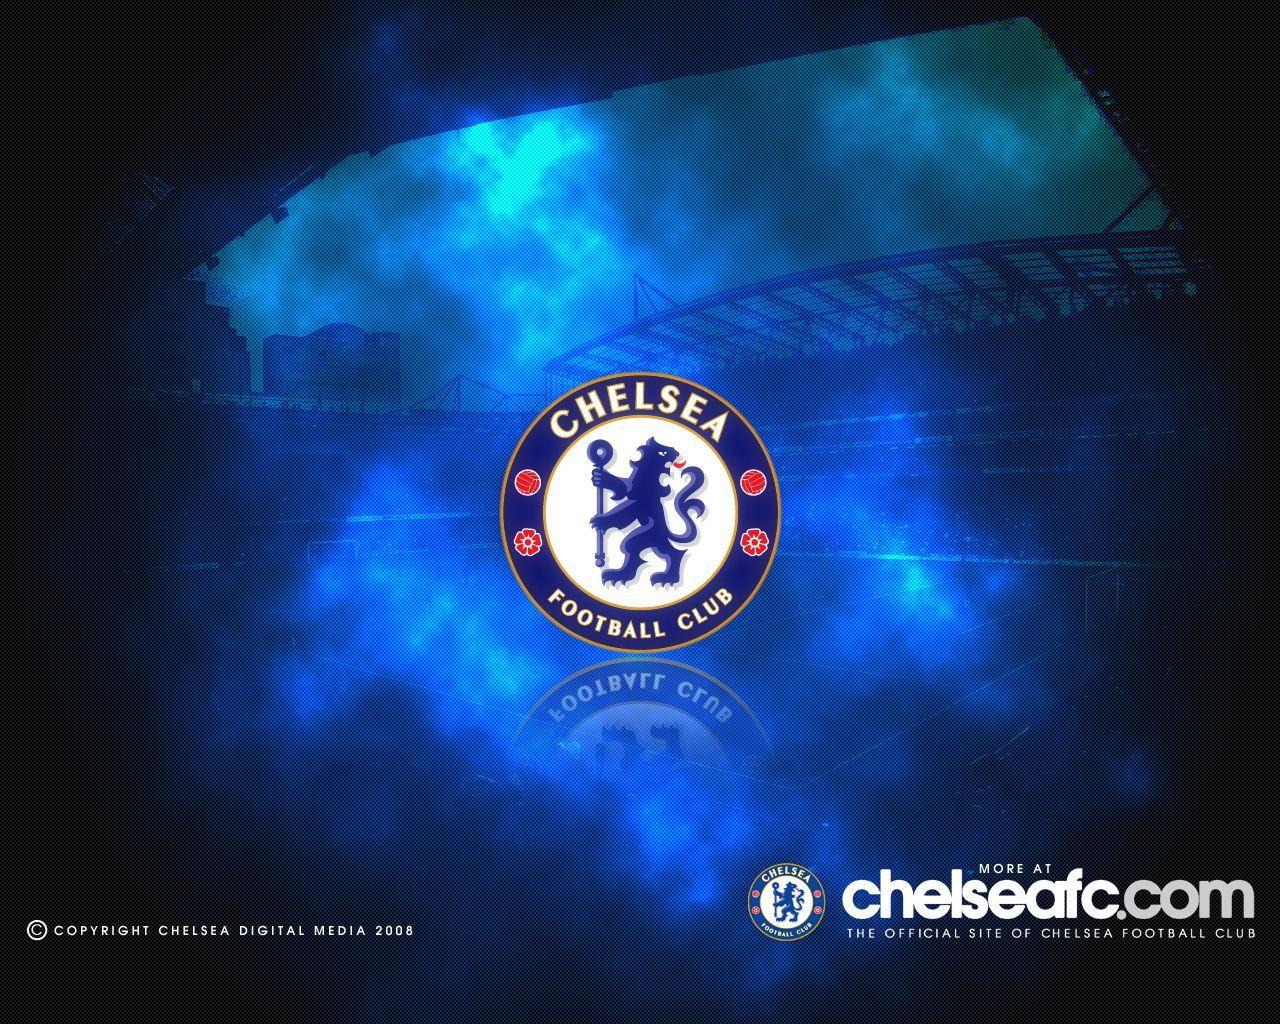 19876 fond d'écran 720x1560 sur votre téléphone gratuitement, téléchargez des images Chelsea, Sport, Contexte, Logos, Football Américain 720x1560 sur votre mobile